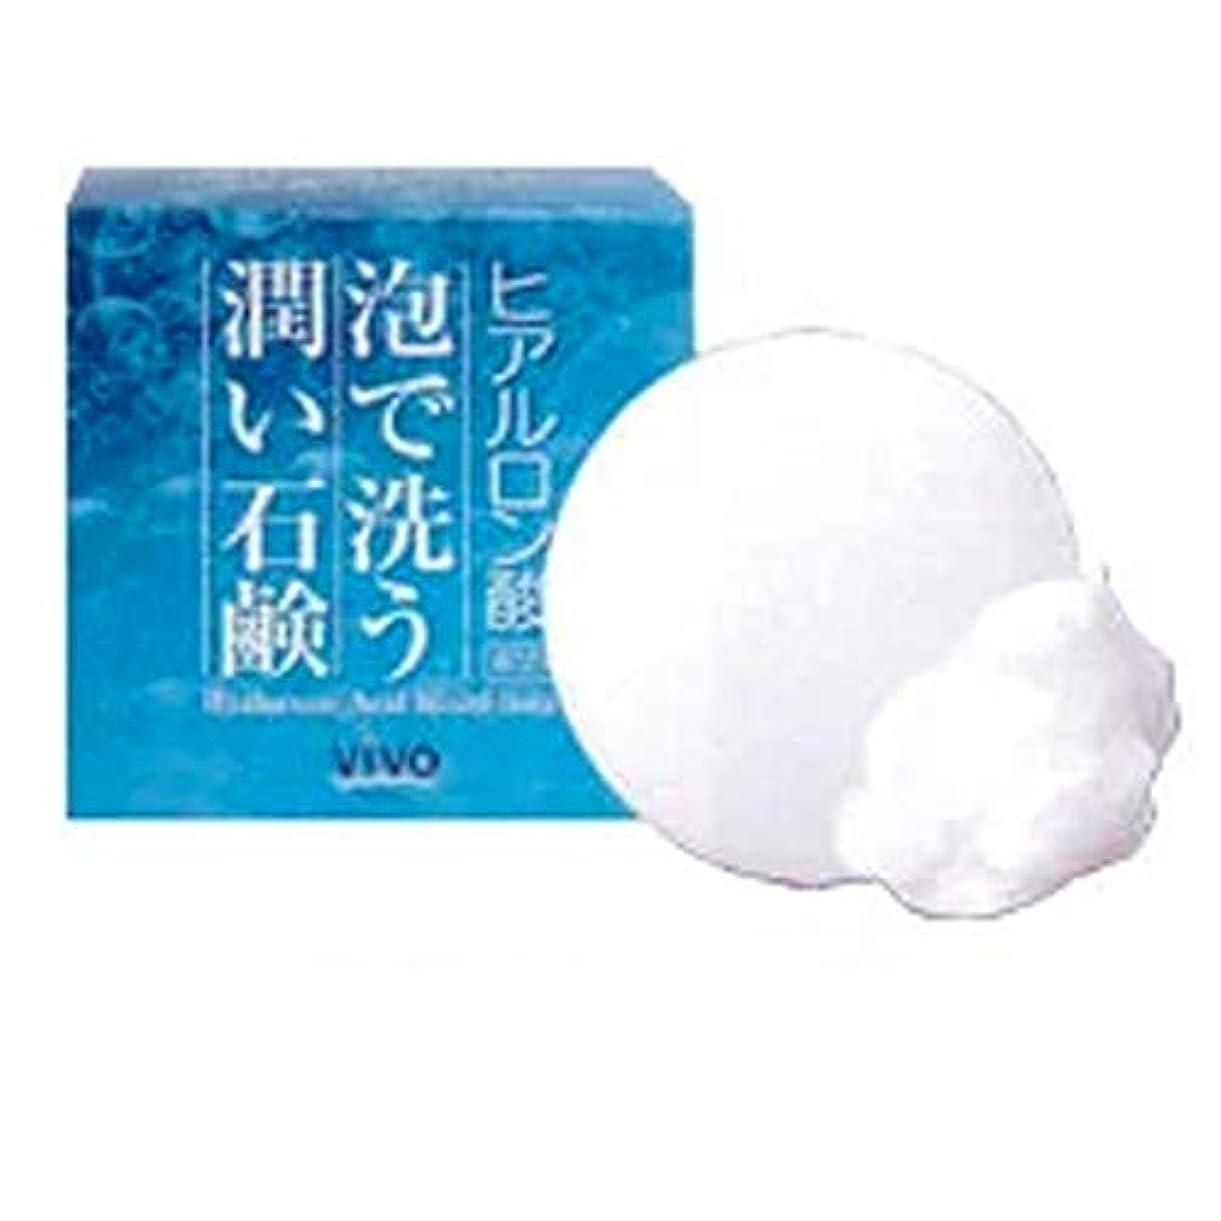 違法従来のダンスBella Vivo ヒアルロン酸洗顔石鹸 3個セット